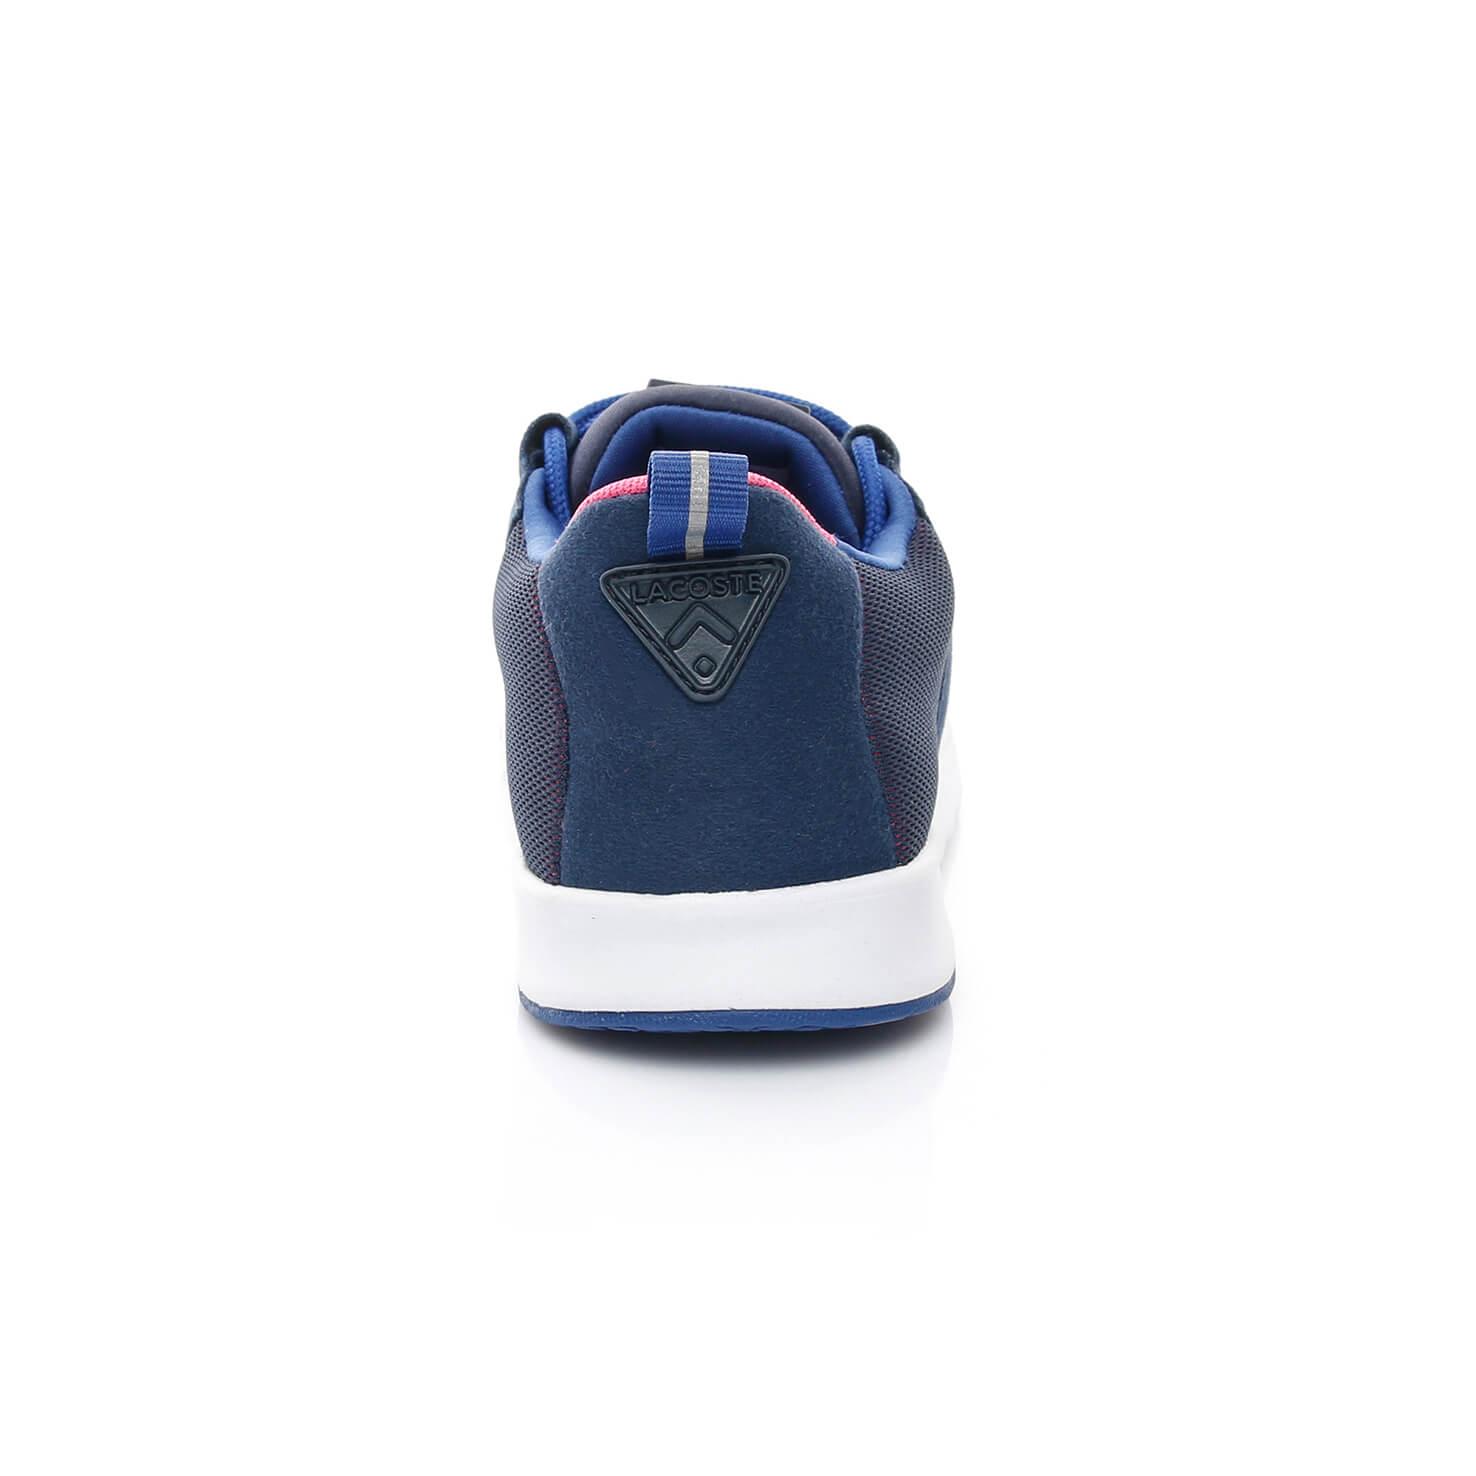 Lacoste Women's Lt Spirit Sneakers